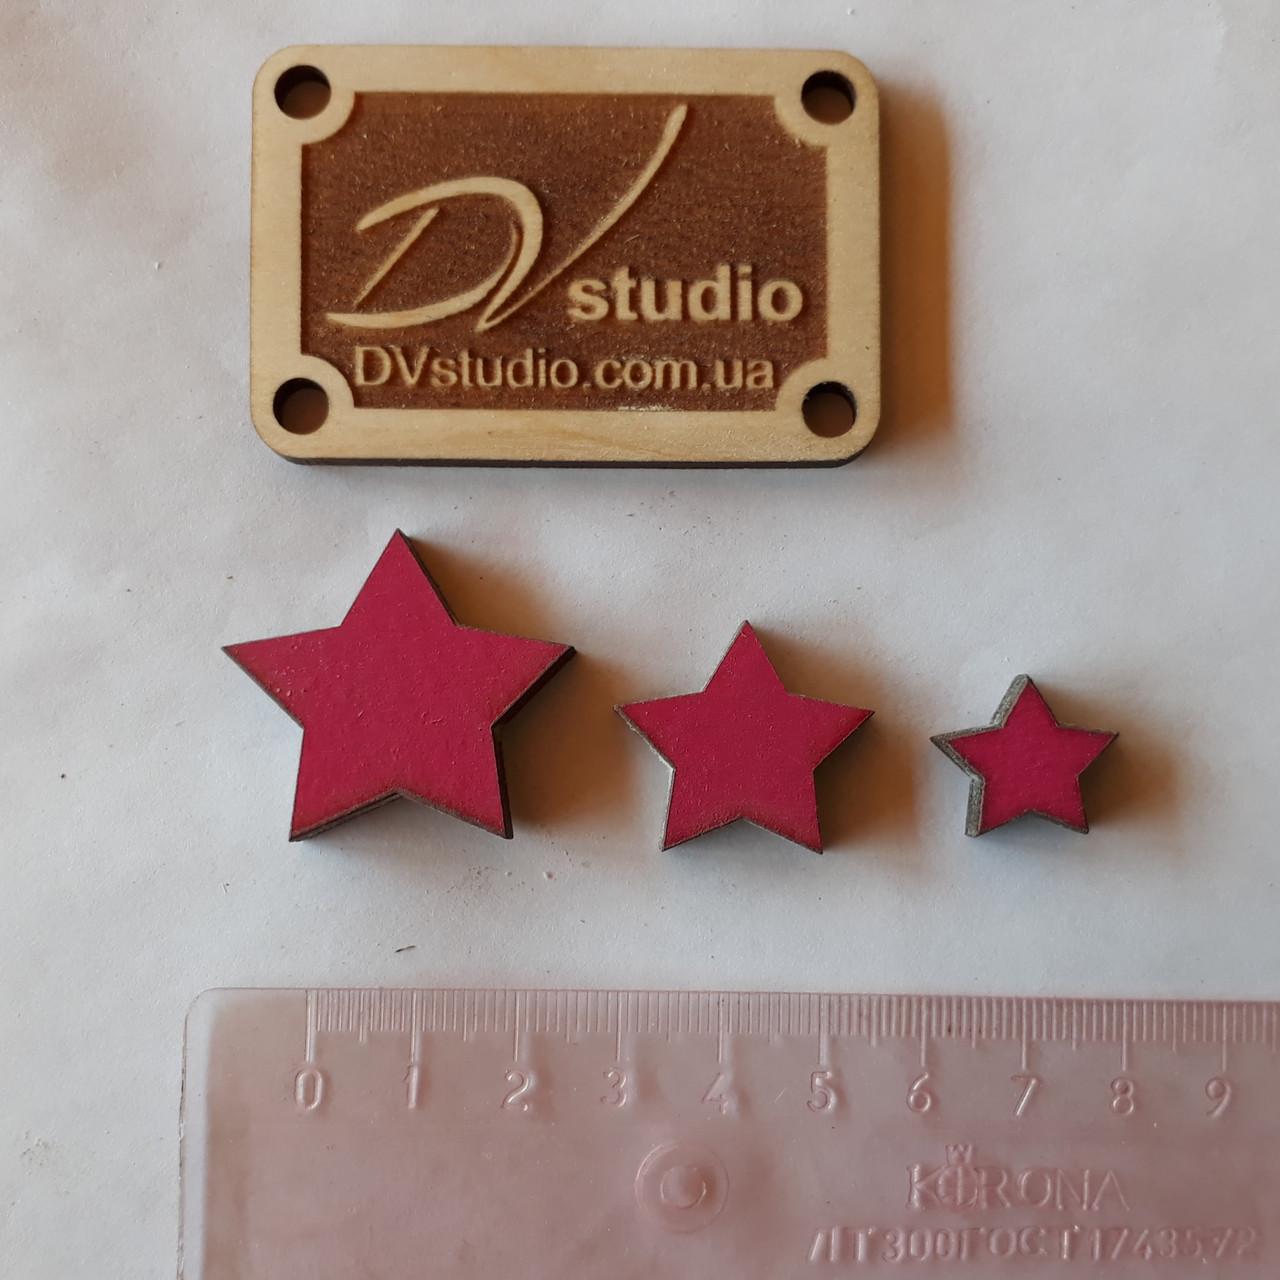 """Фигурки """"Звезды"""", окрашенные, из дерева. Заготовка для Бизиборда по методике Монтессори"""